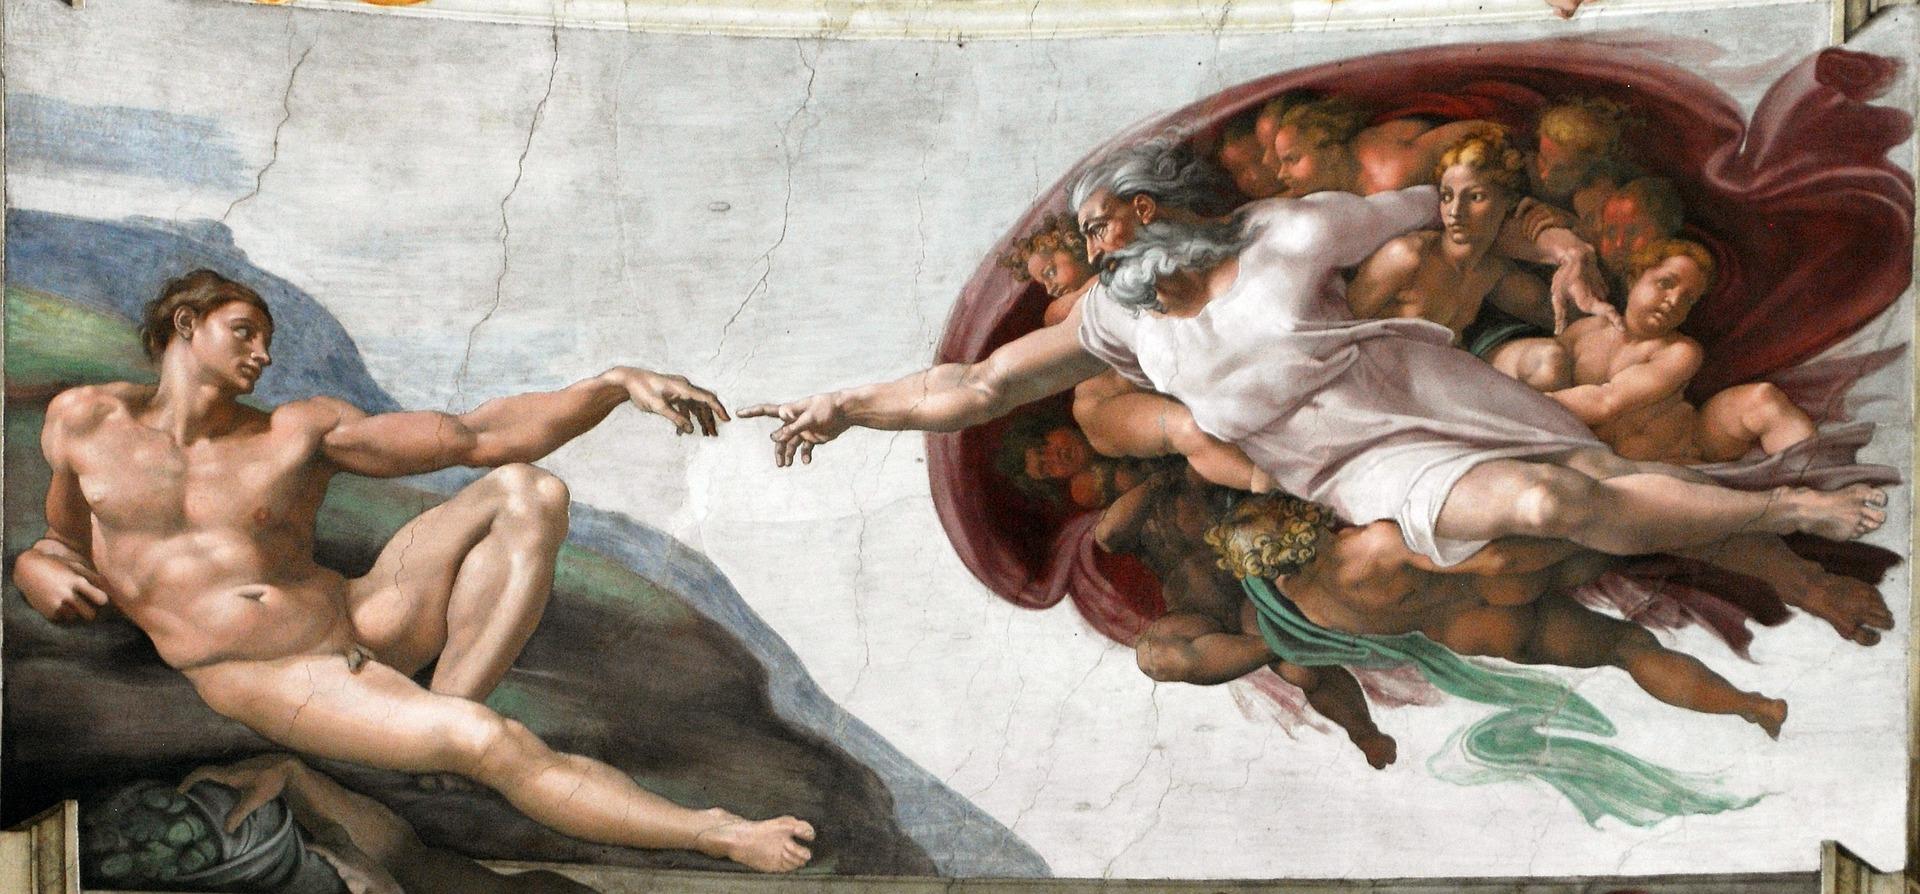 Godsforsaken